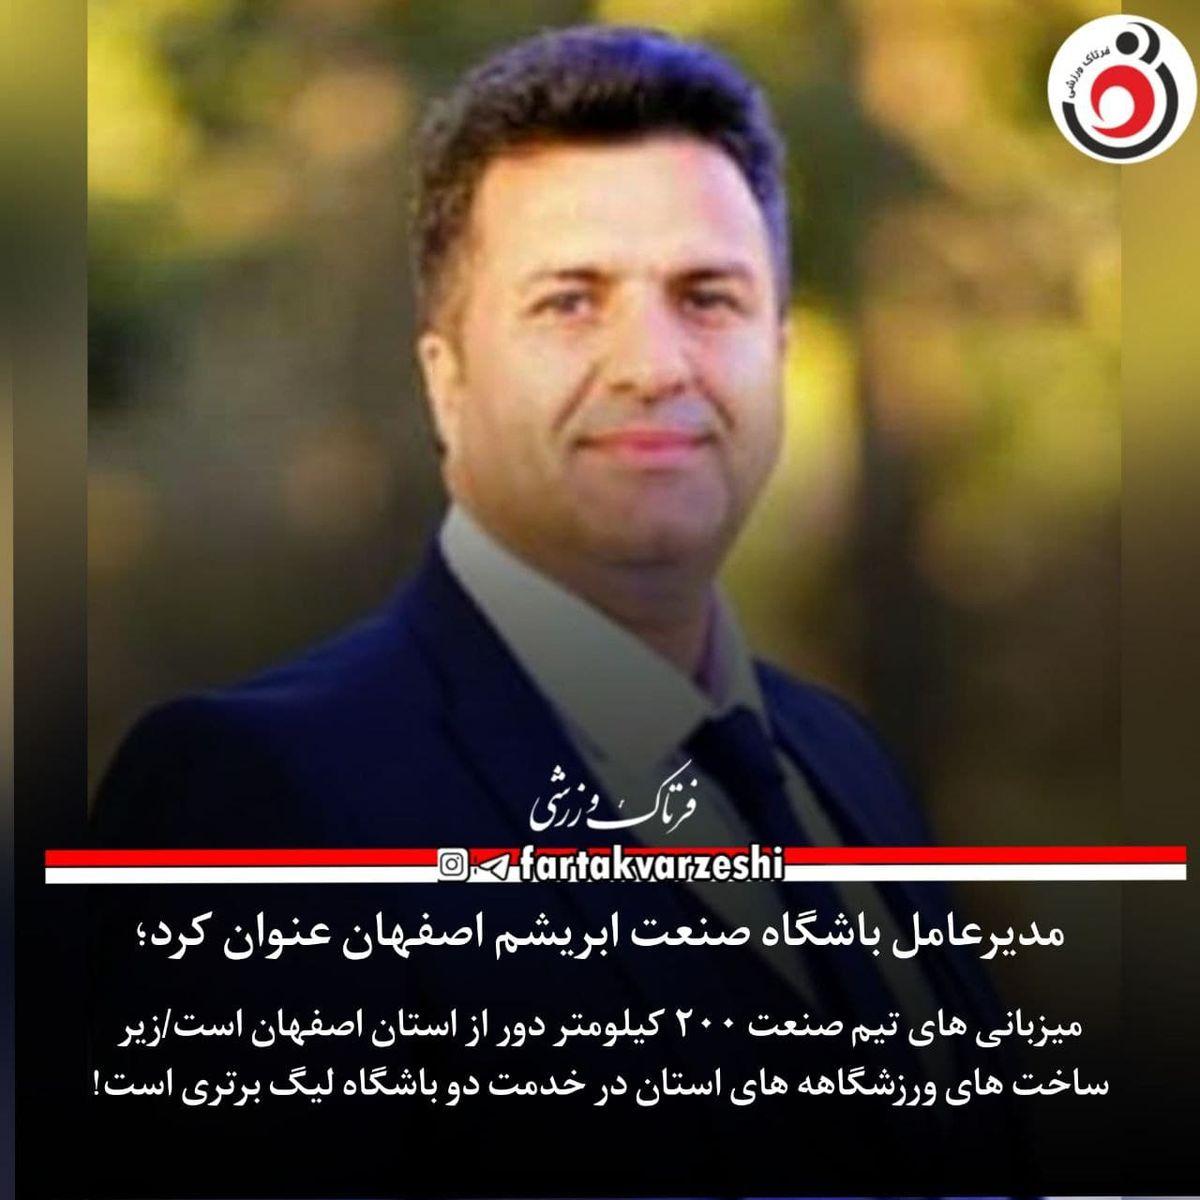 میزبانی های تیم صنعت ۲۰۰ کیلومتر دور از استان اصفهان است/زیر ساخت های ورزشگاه های استان در خدمت دو باشگاه لیگ برتری است!